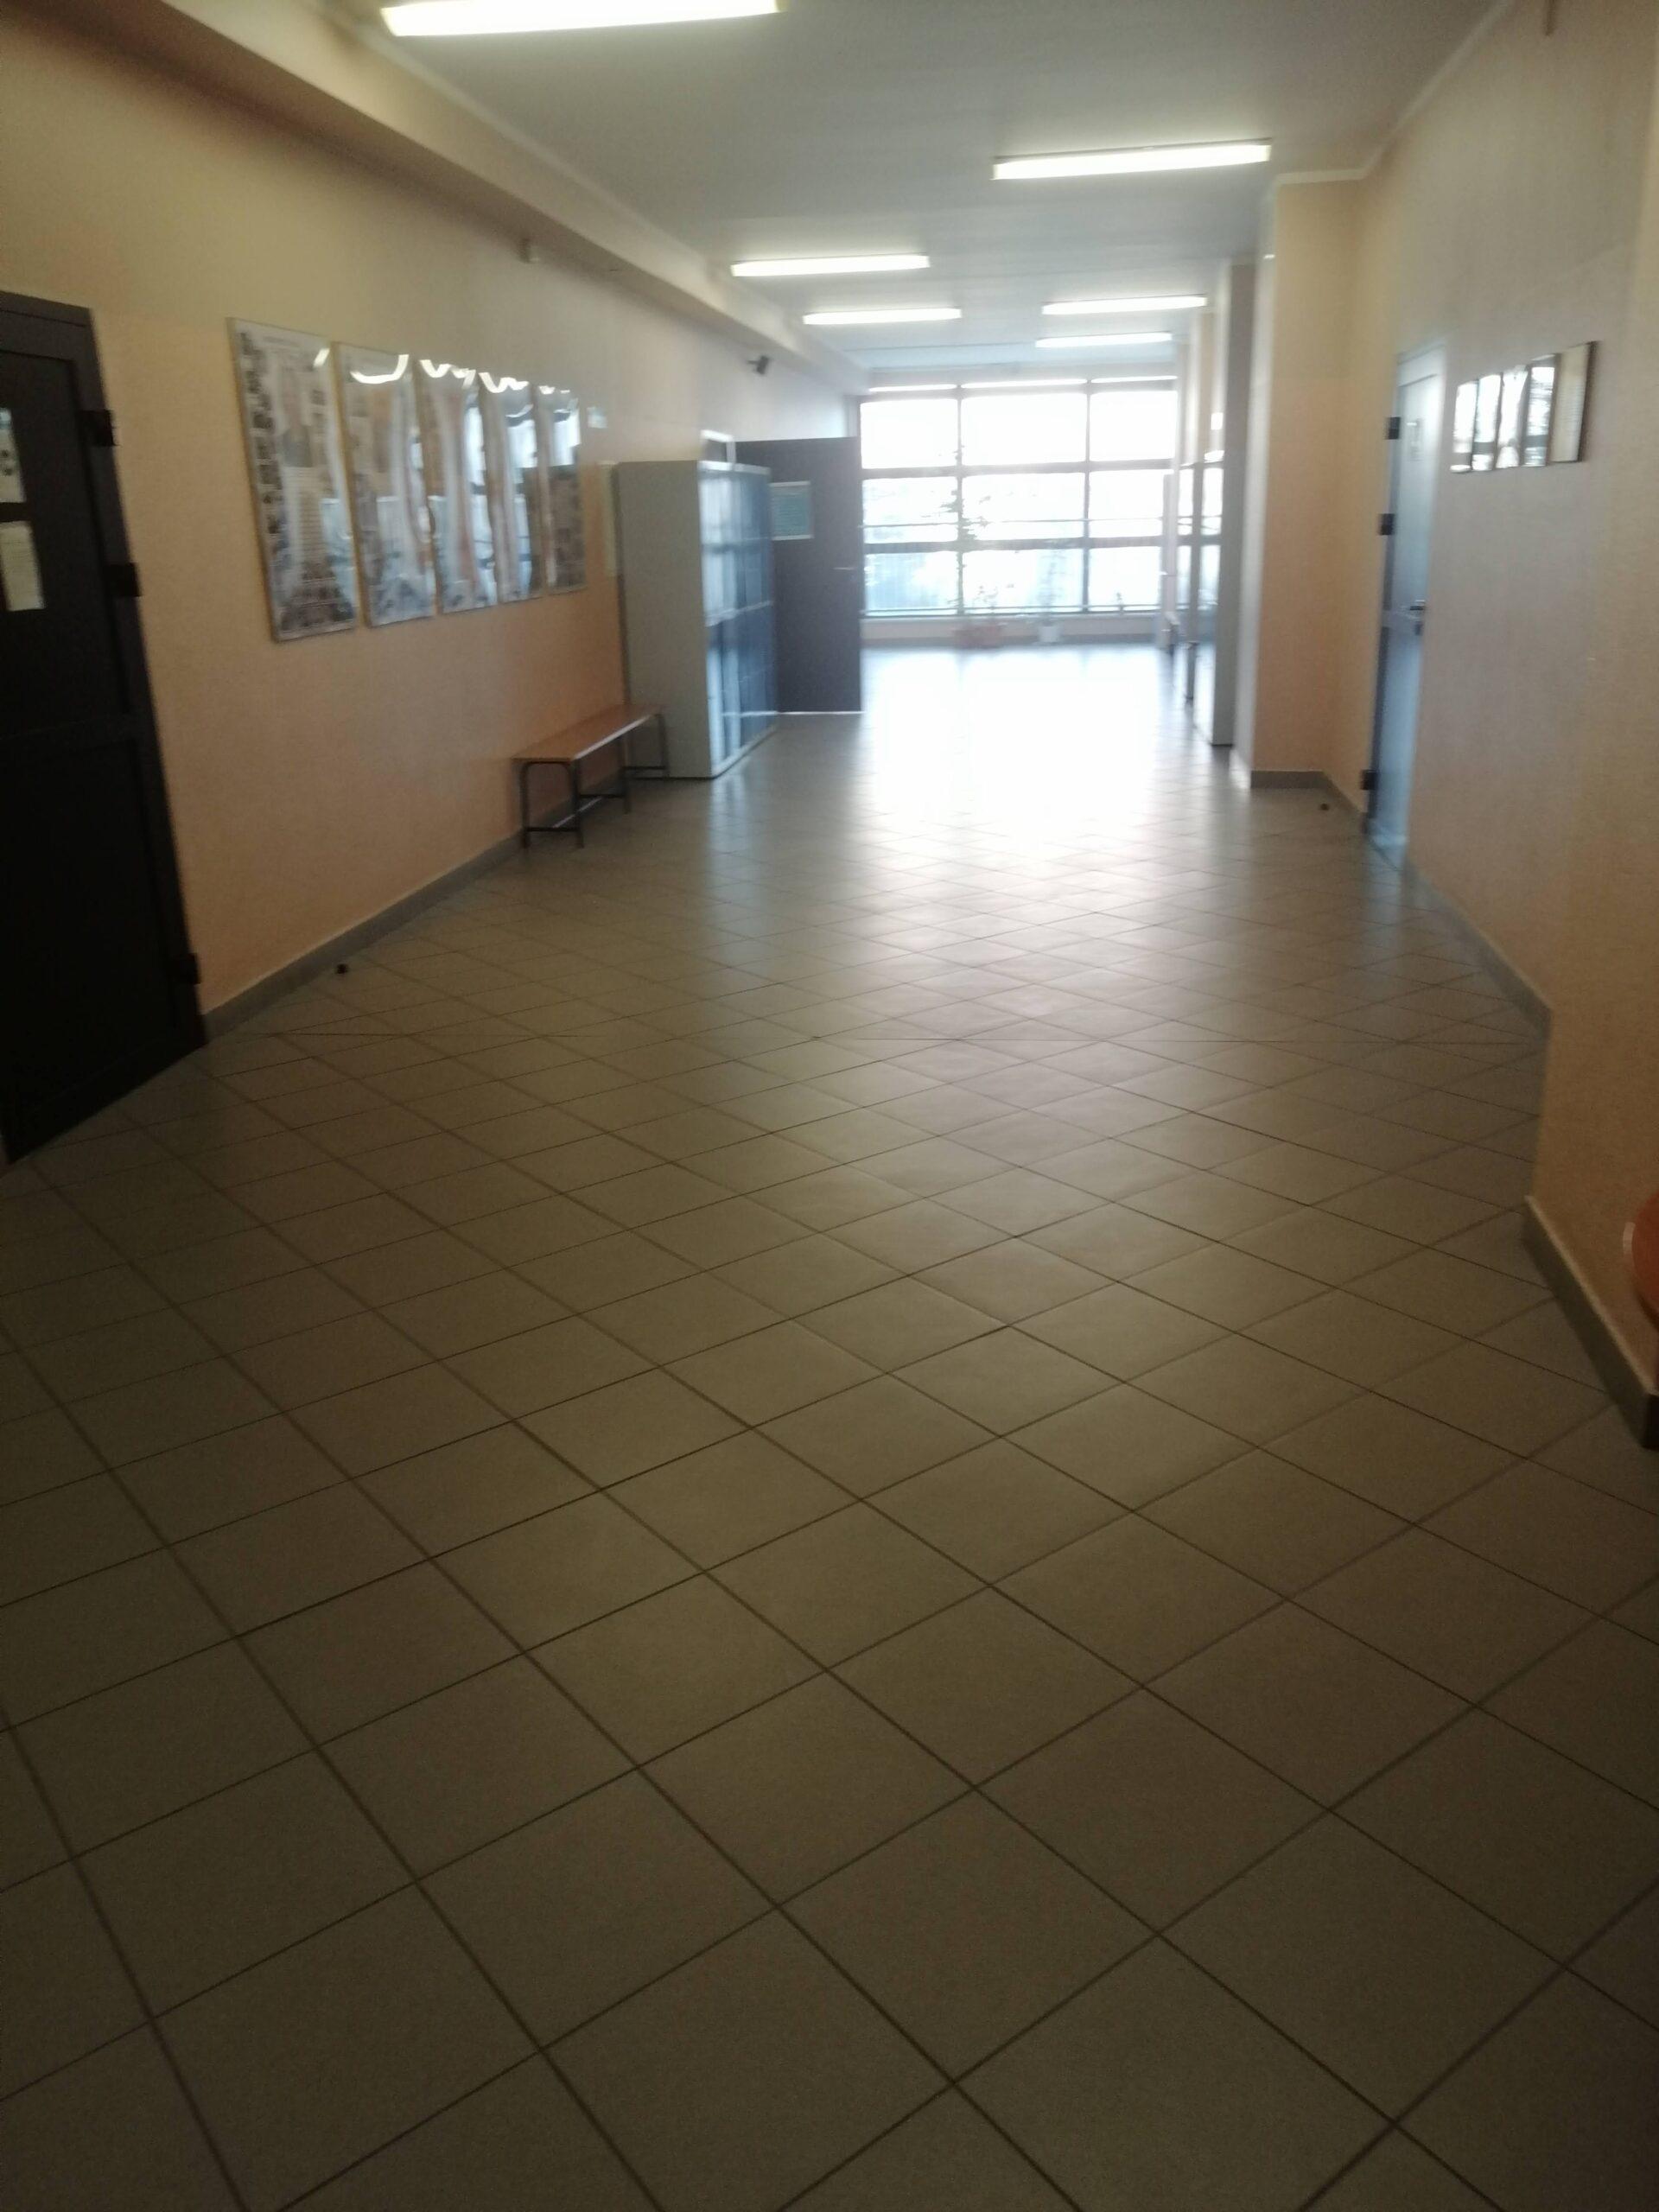 szeroki szkolny korytarz